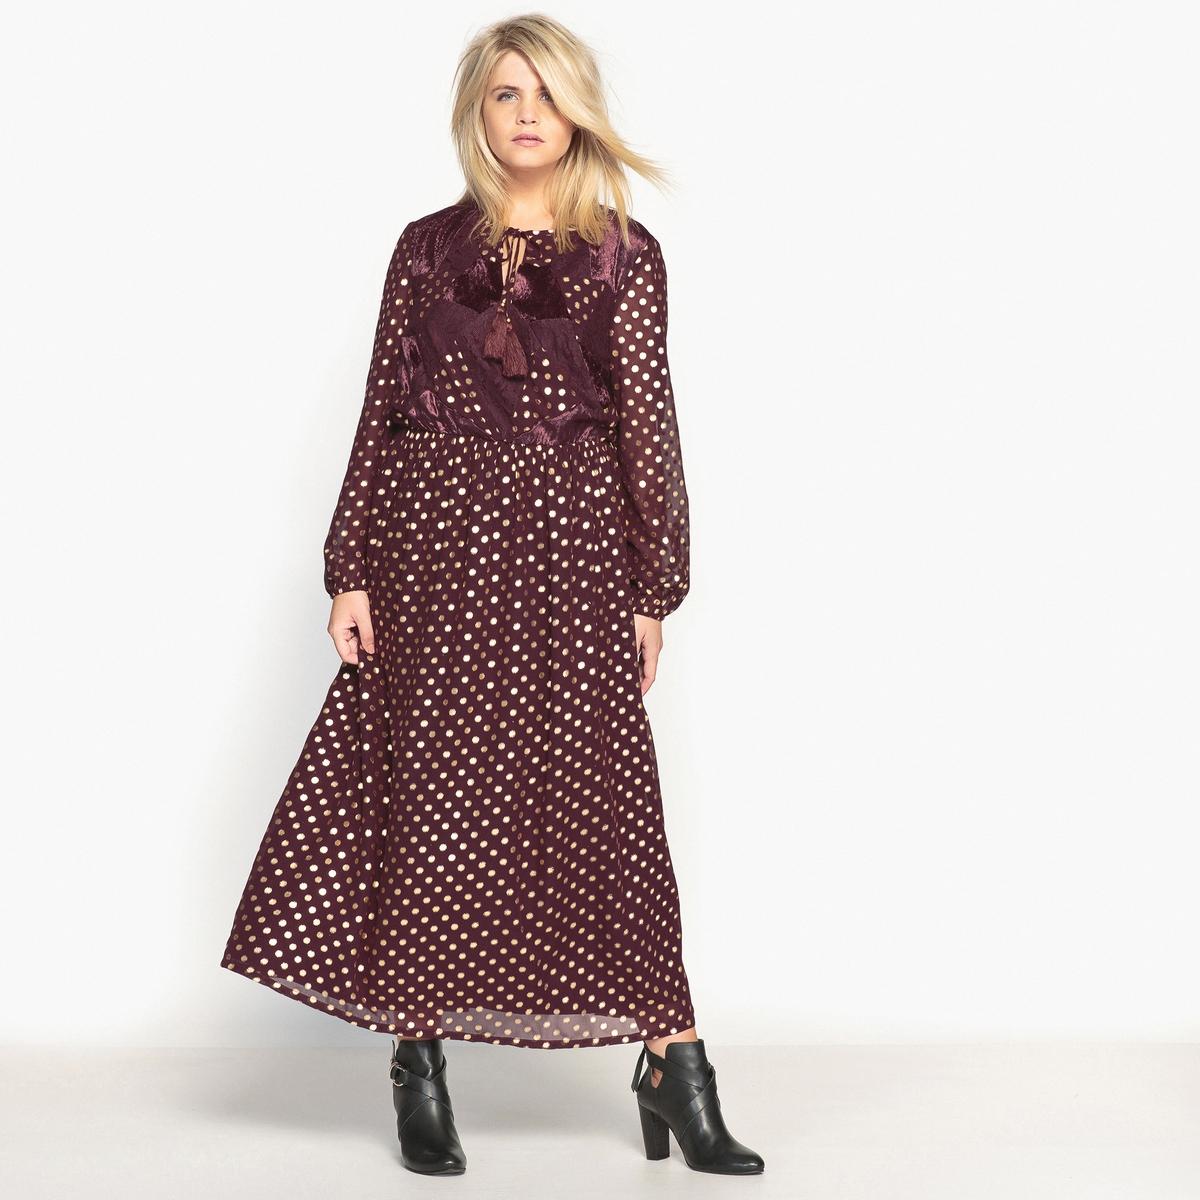 Платье длинное с рисунком в горох и длинными рукавамиДлинное платье с великолепным рисунком в золотистый горох в богемном стиле. Это длинное платье с напускными рукавами отлично будет смотреться с высокими сапогами или ботильонами.Детали •  Форма : МАКСИ •  Длина ниже колен •  Длинные рукава    •   V-образный вырез •  Рисунок-принтСостав и уход •  100% полиэстер  •  Температура стирки 30° на деликатном режиме   •  Сухая чистка и отбеливание запрещены •  Не использовать барабанную сушку •  Низкая температура глажкиТовар из коллекции больших размеровНебольшое преимущество этого длинного платья:вставки из велюрового трикотажа и кружева спереди в стиле пэчворк.<br><br>Цвет: гранатовый